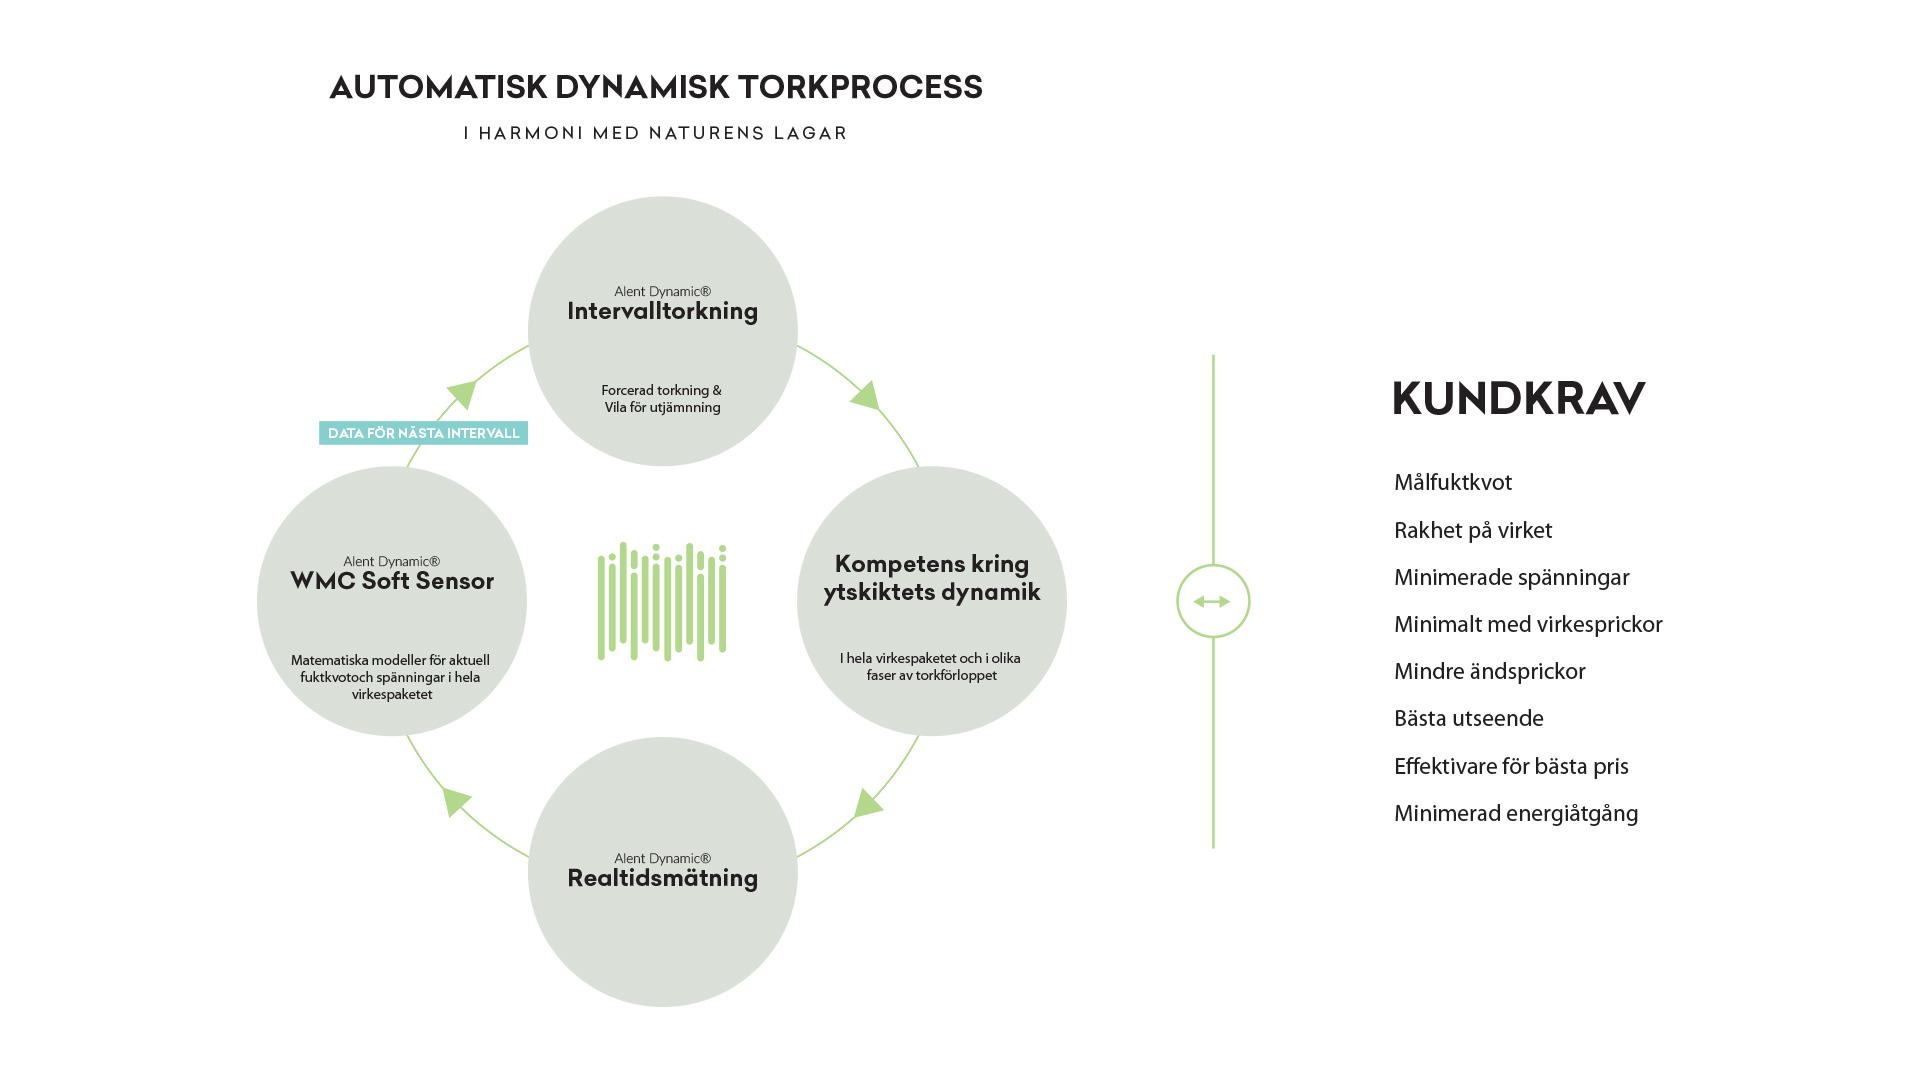 Automatisk dynamisk torkprocess mot kundkrav